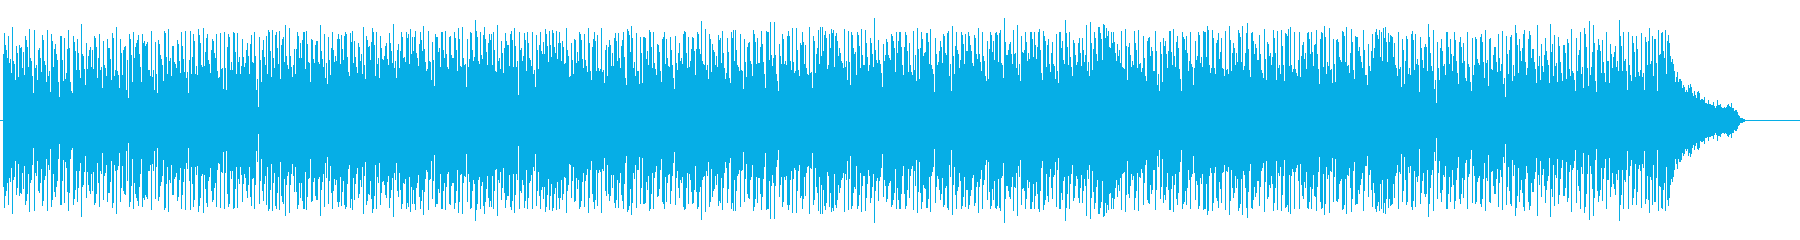 明るくリズミカルなテクノBGMの再生済みの波形